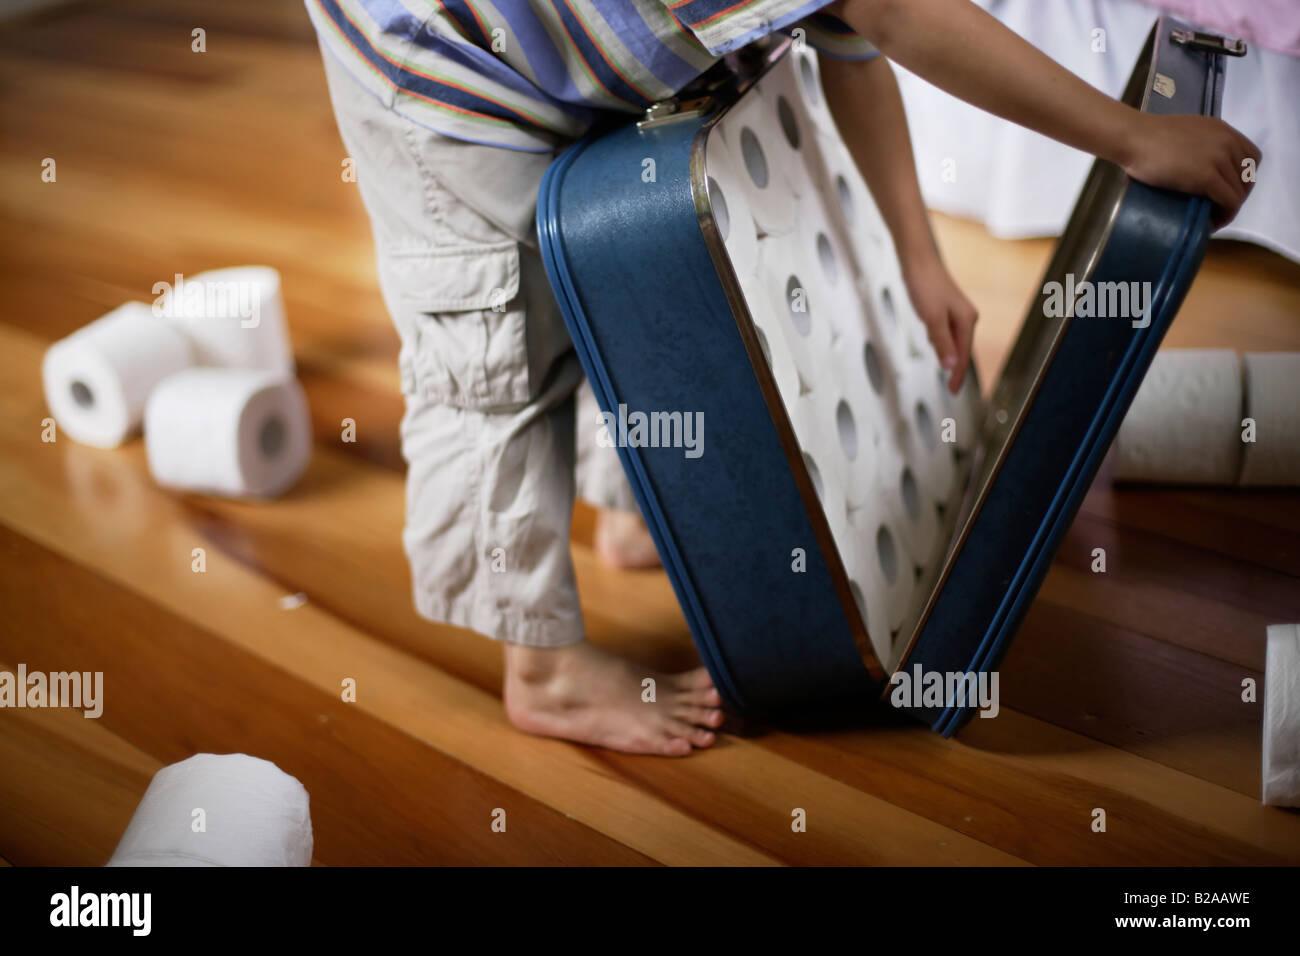 Six ans packs papier toilette dans suitcase mixed race caucasienne et ethnique indien Photo Stock